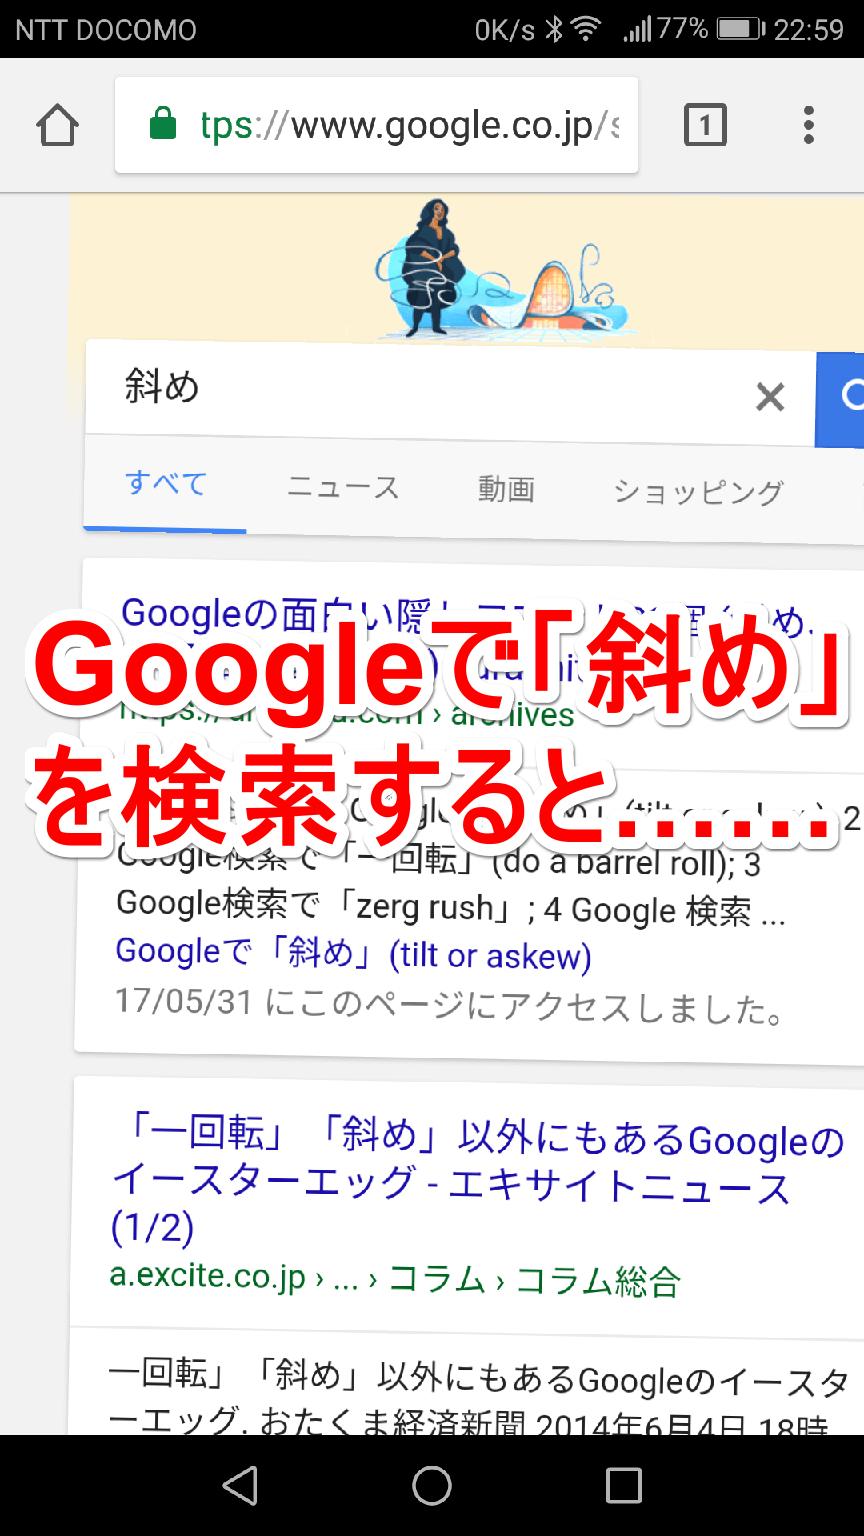 グーグルで「斜め」を検索した結果